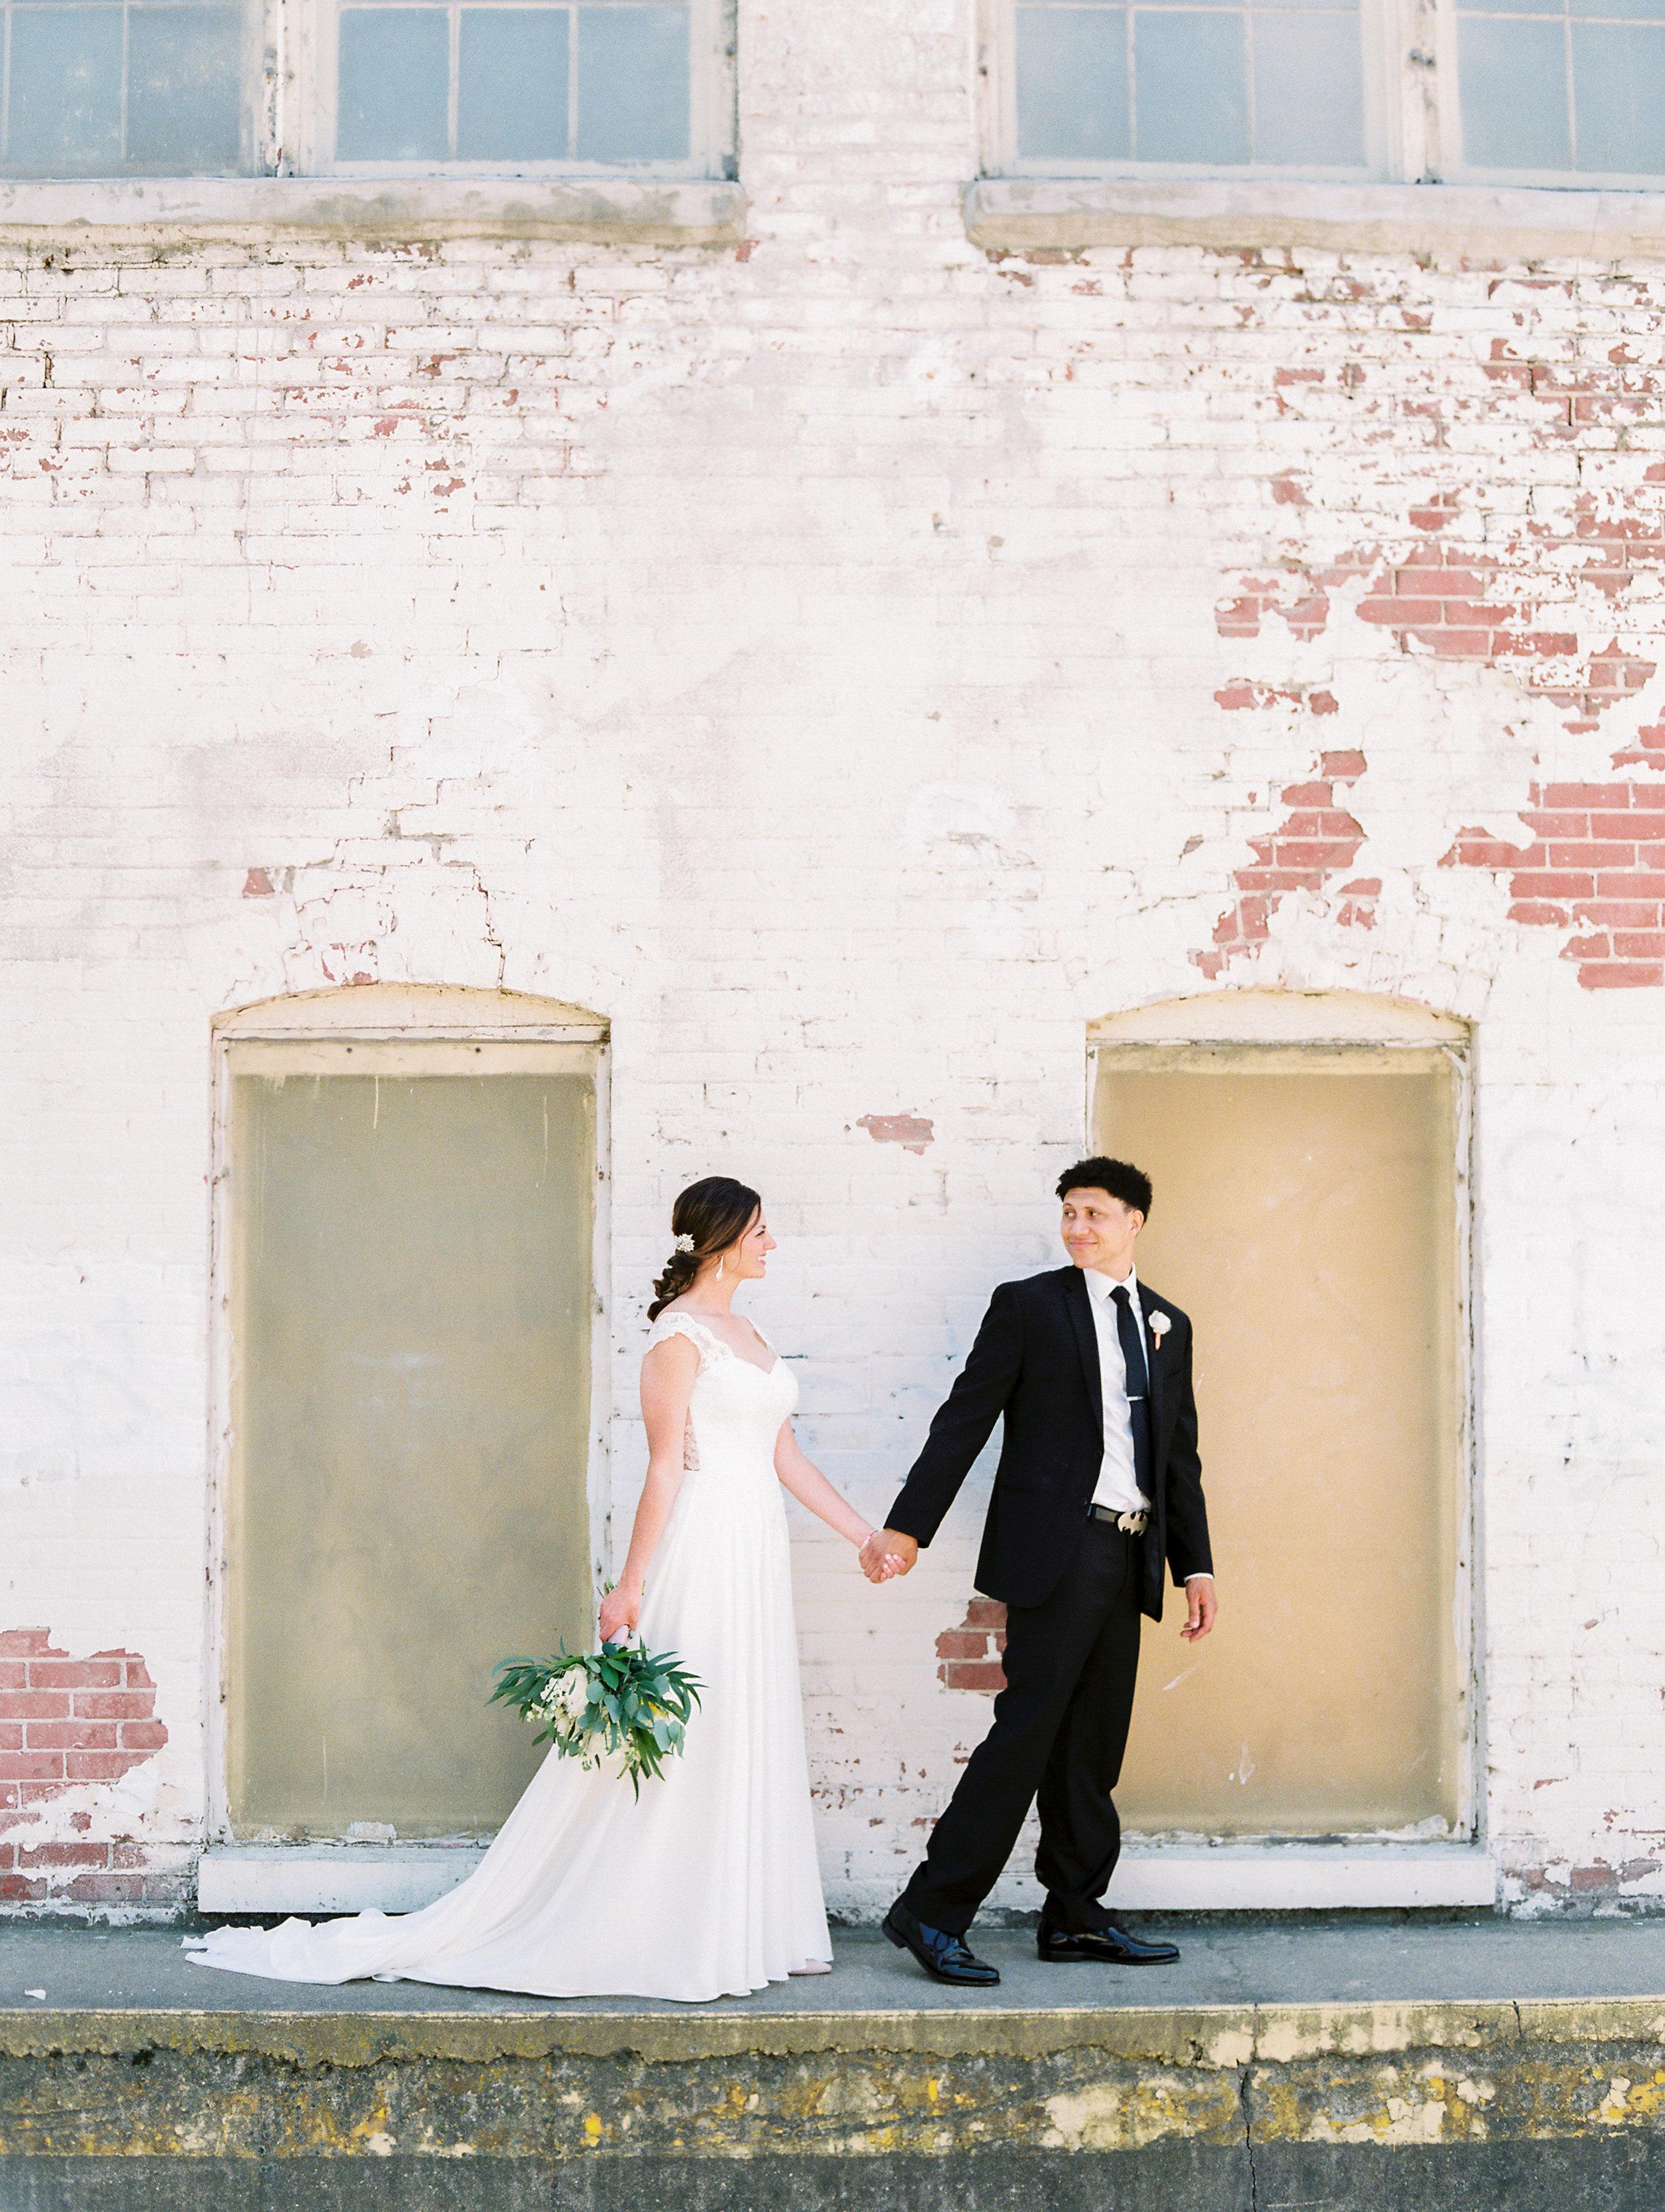 Julius+Wedding+BridalPartyf-22.jpg